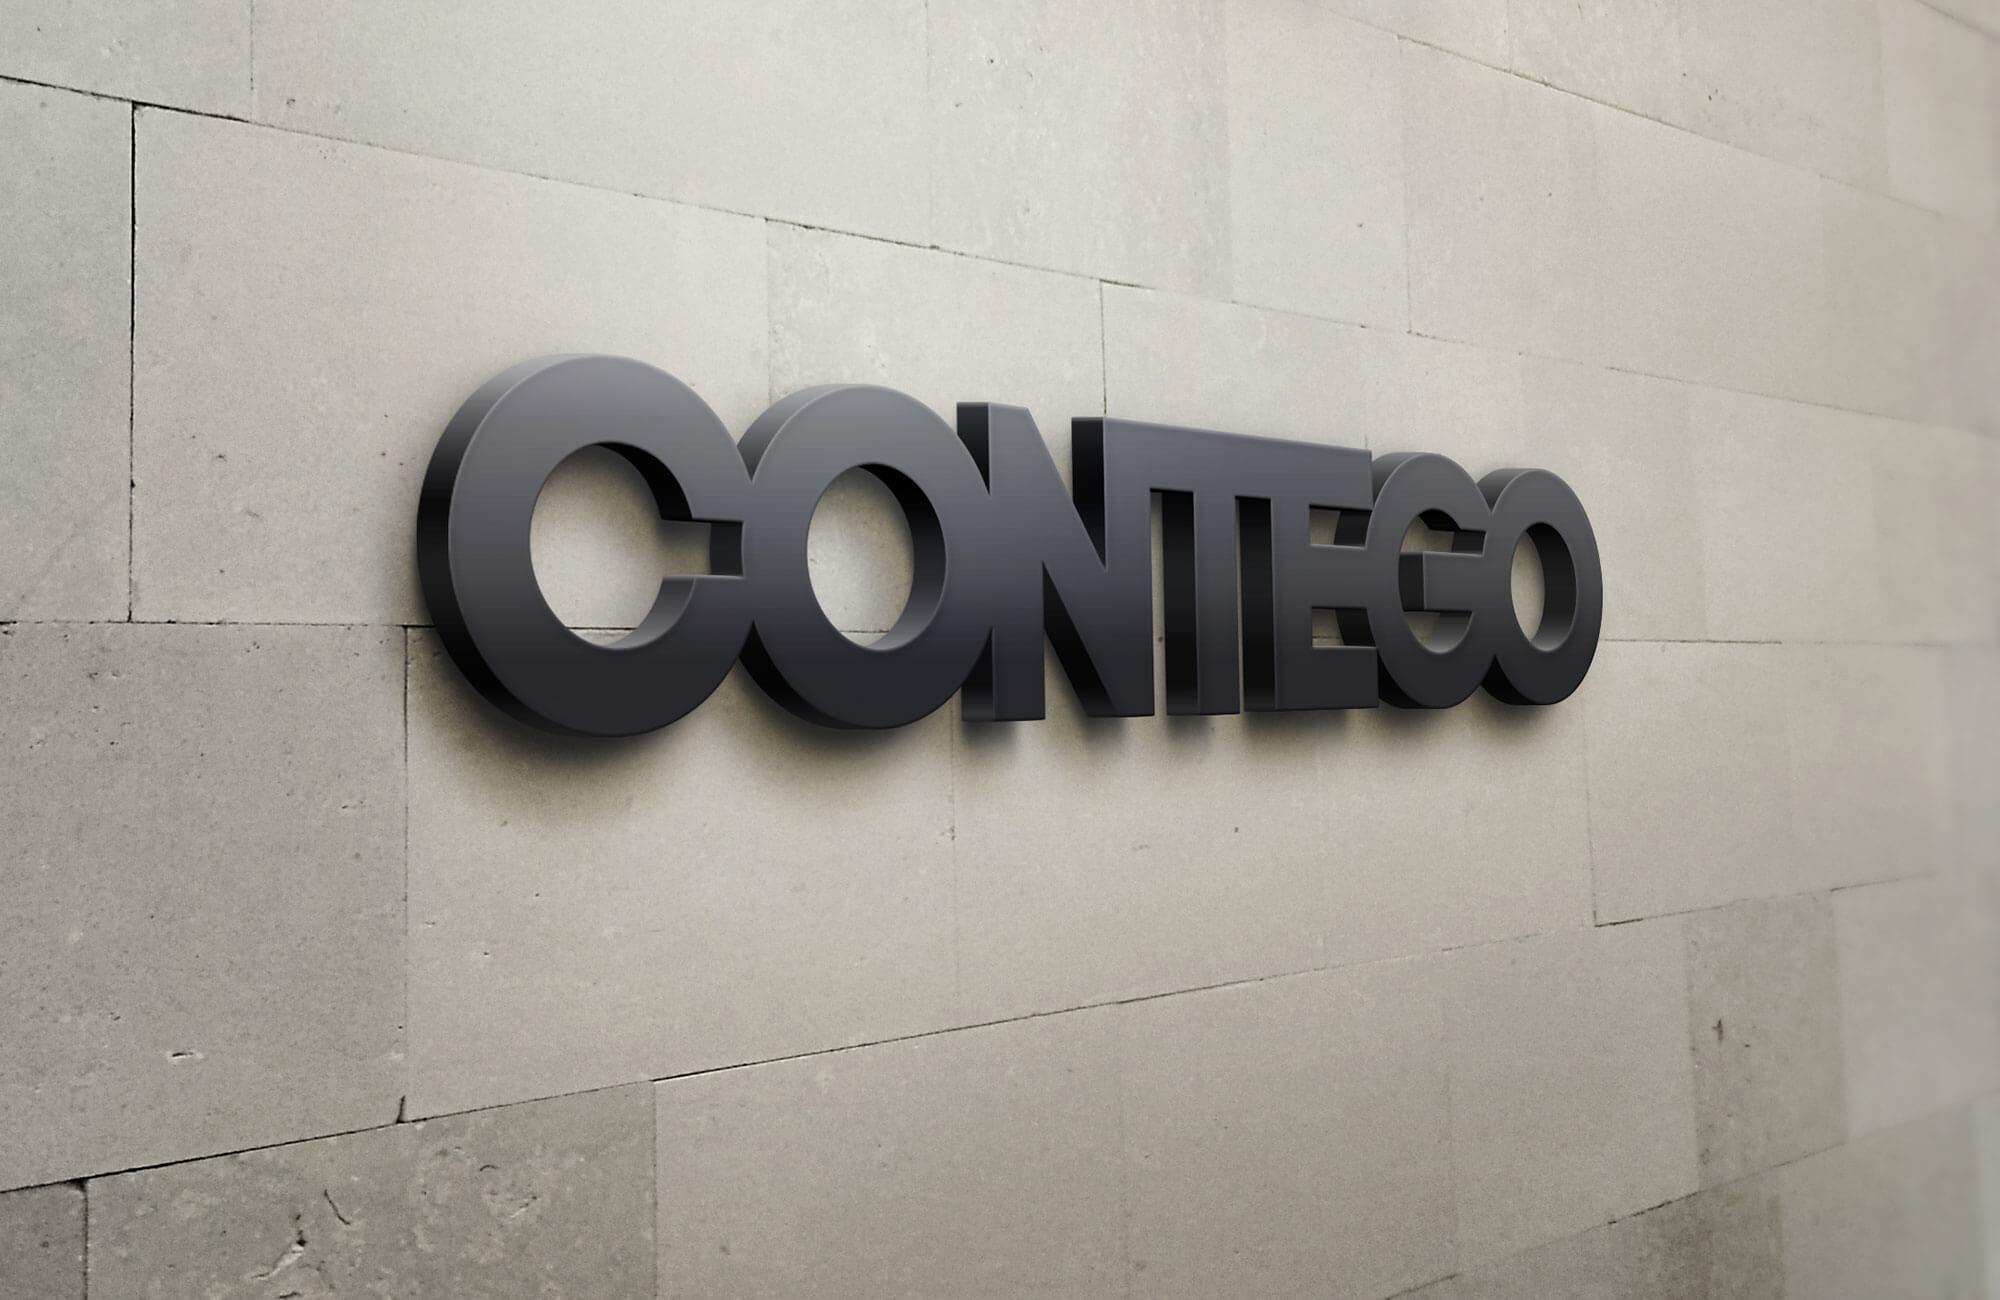 Contego Signage Design Concept